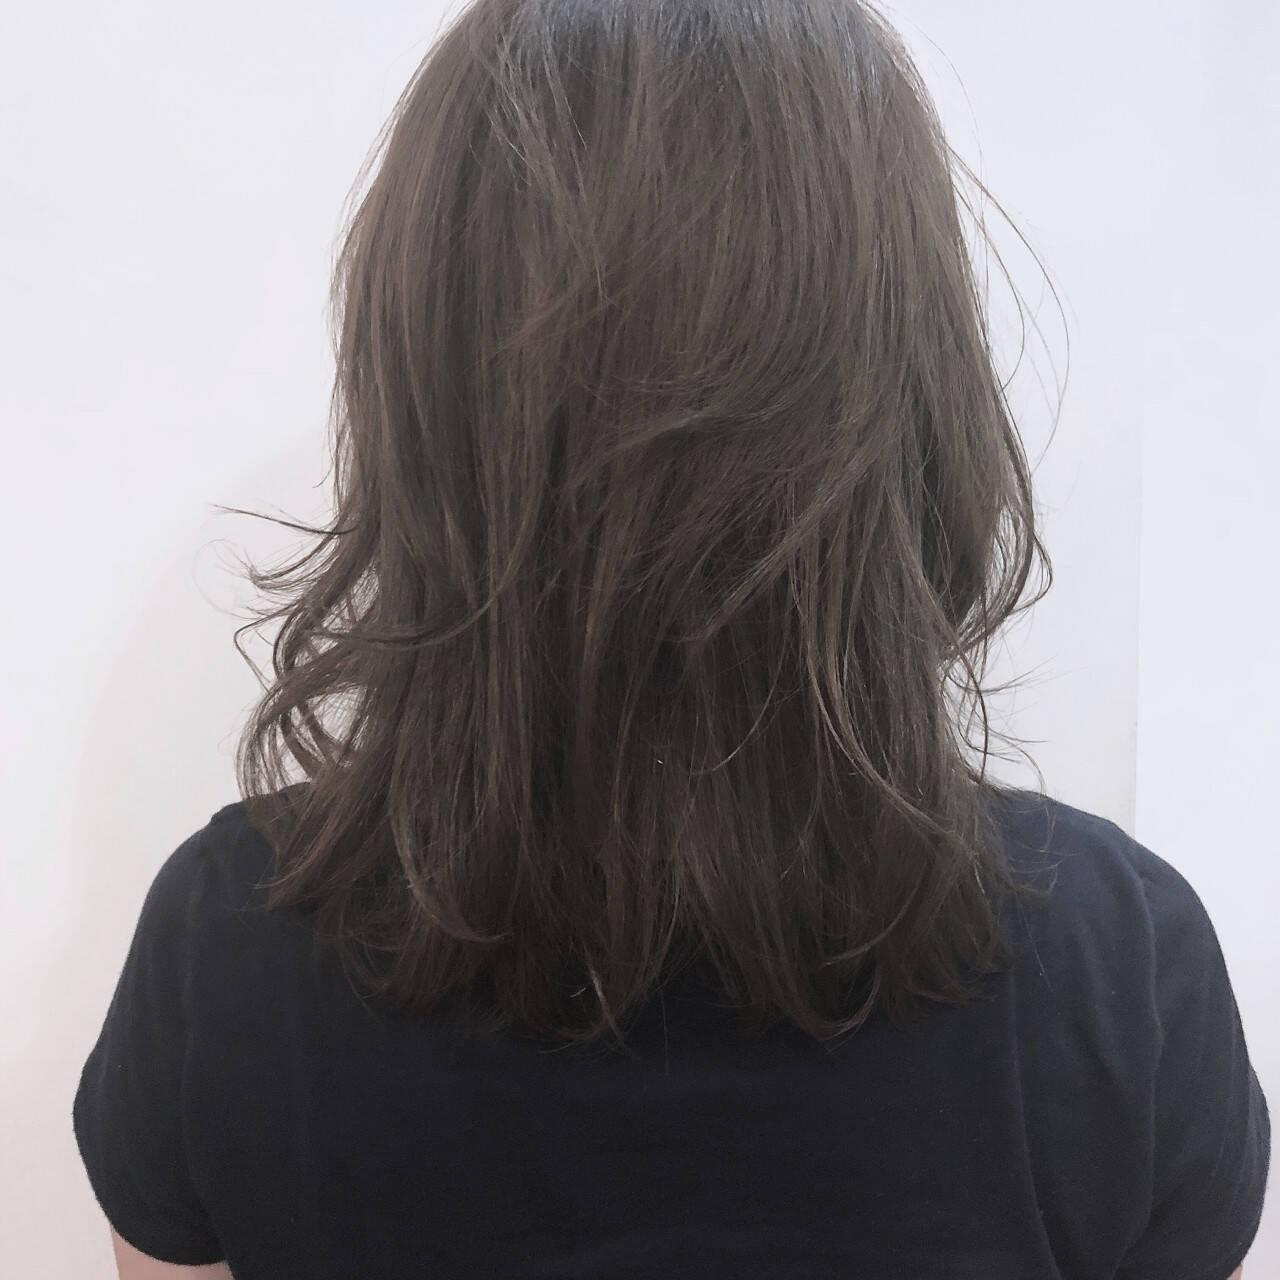 アッシュ ナチュラル ミディアム 前髪ありヘアスタイルや髪型の写真・画像